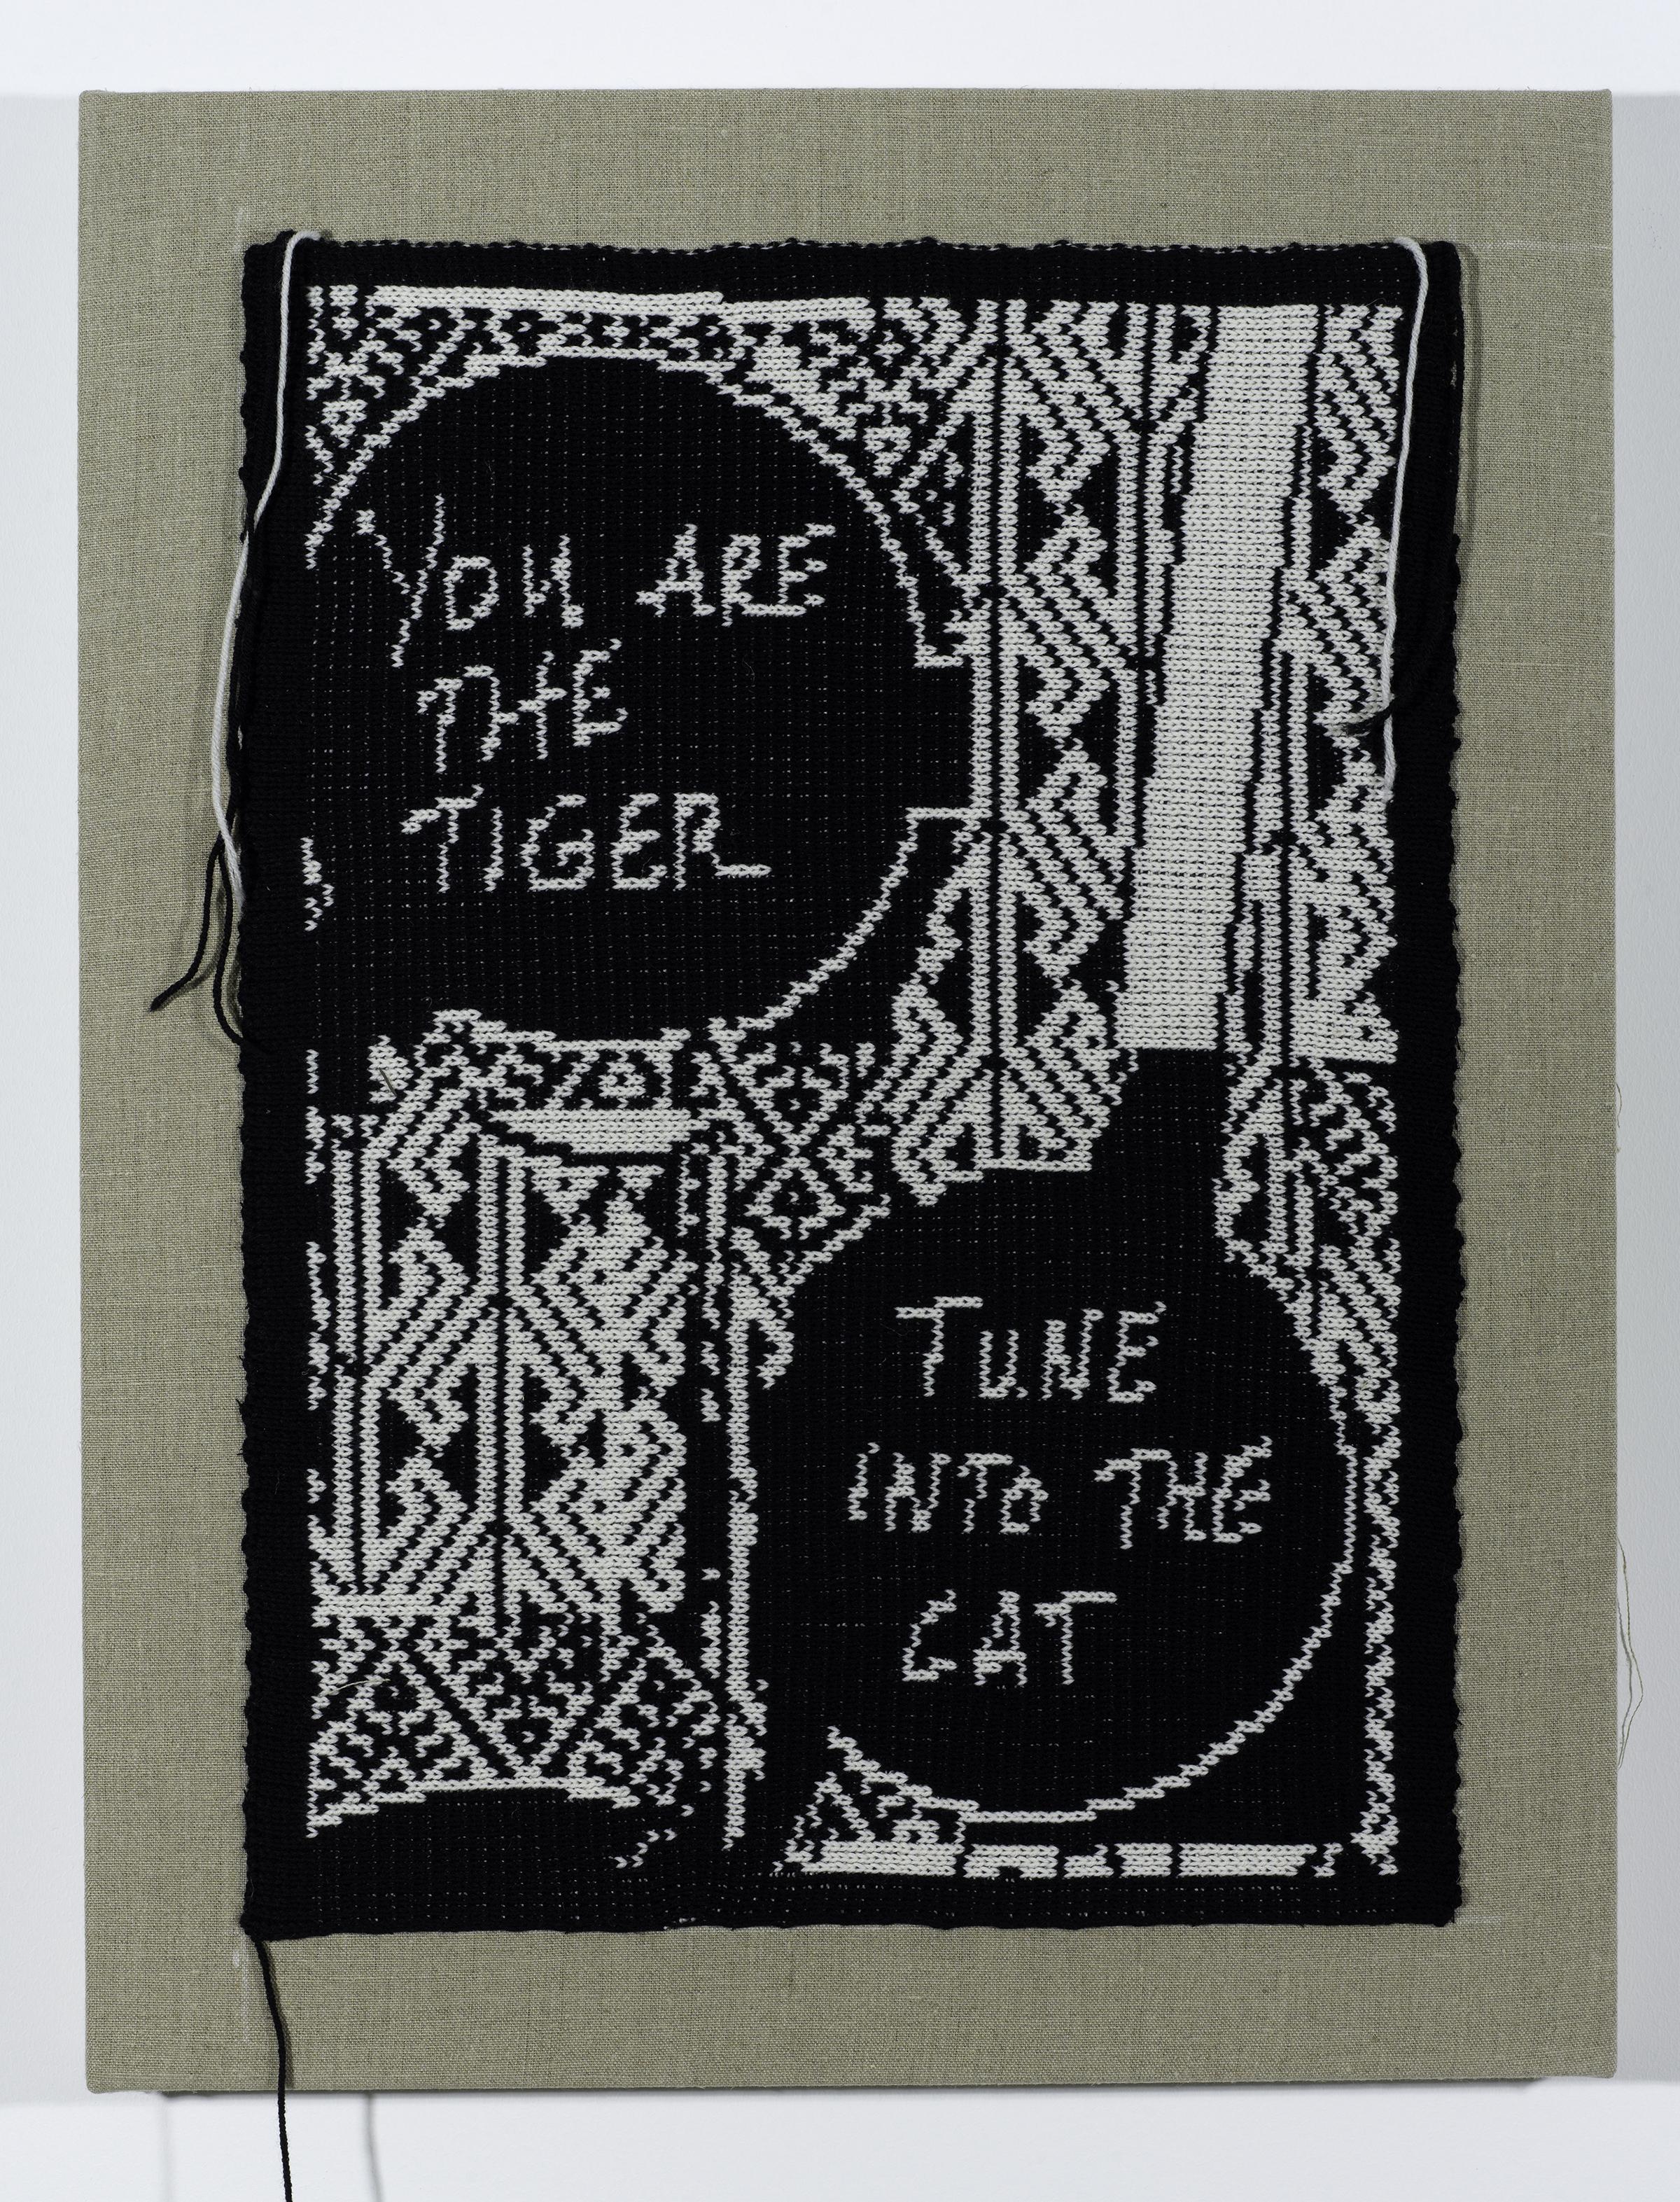 Tune into the cat, 2014